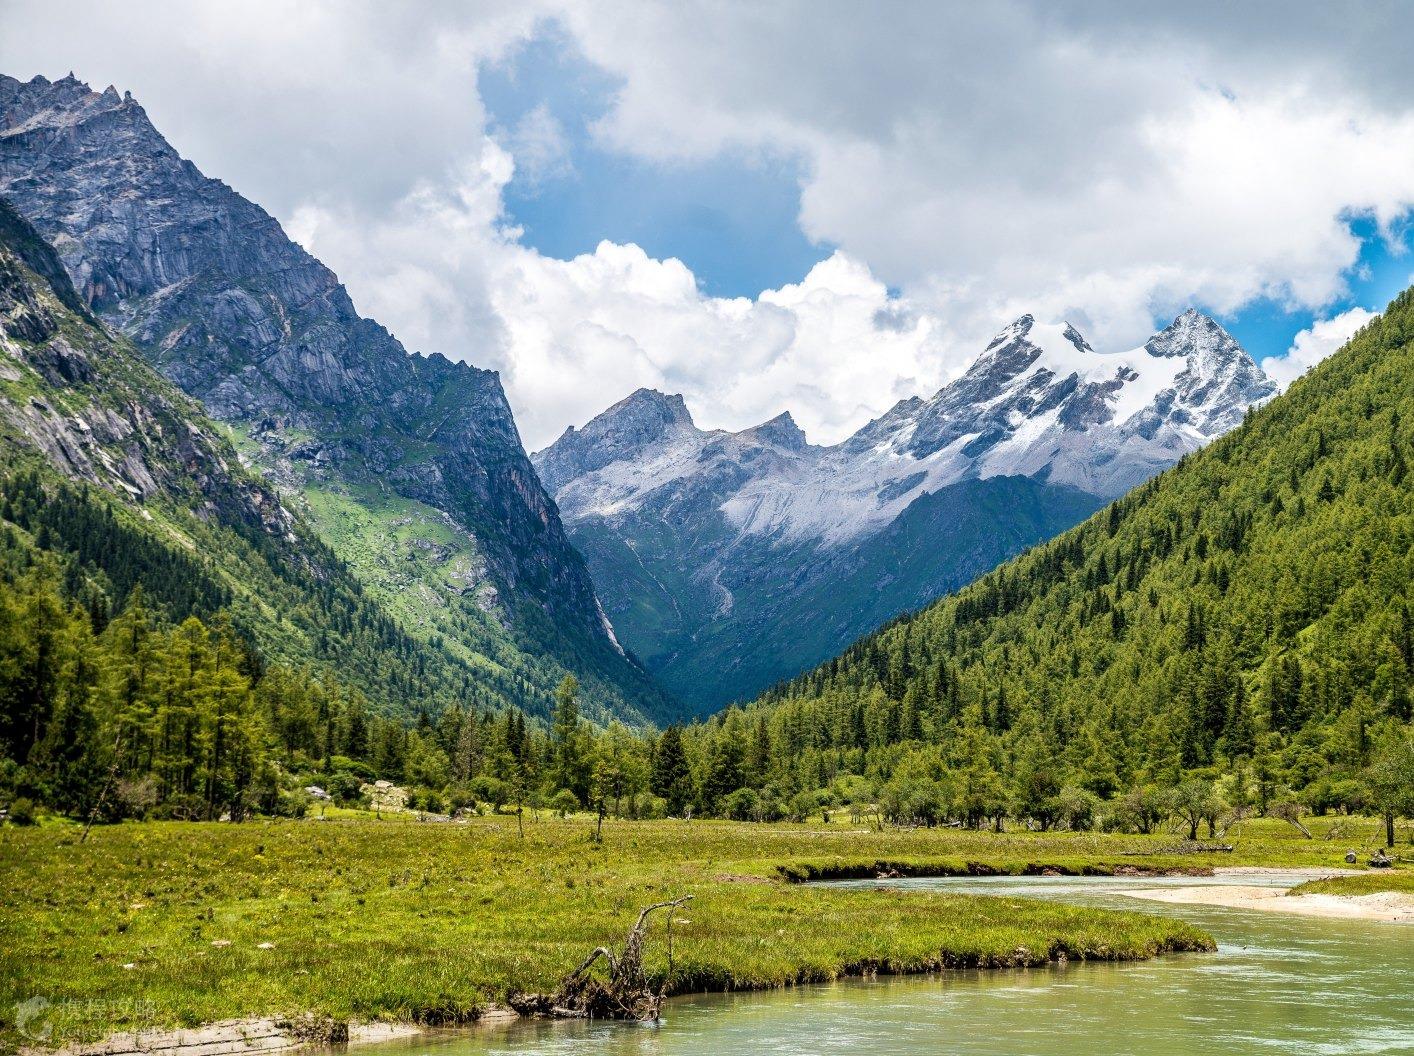 四姑娘山东方的阿尔卑斯,期待与你相遇